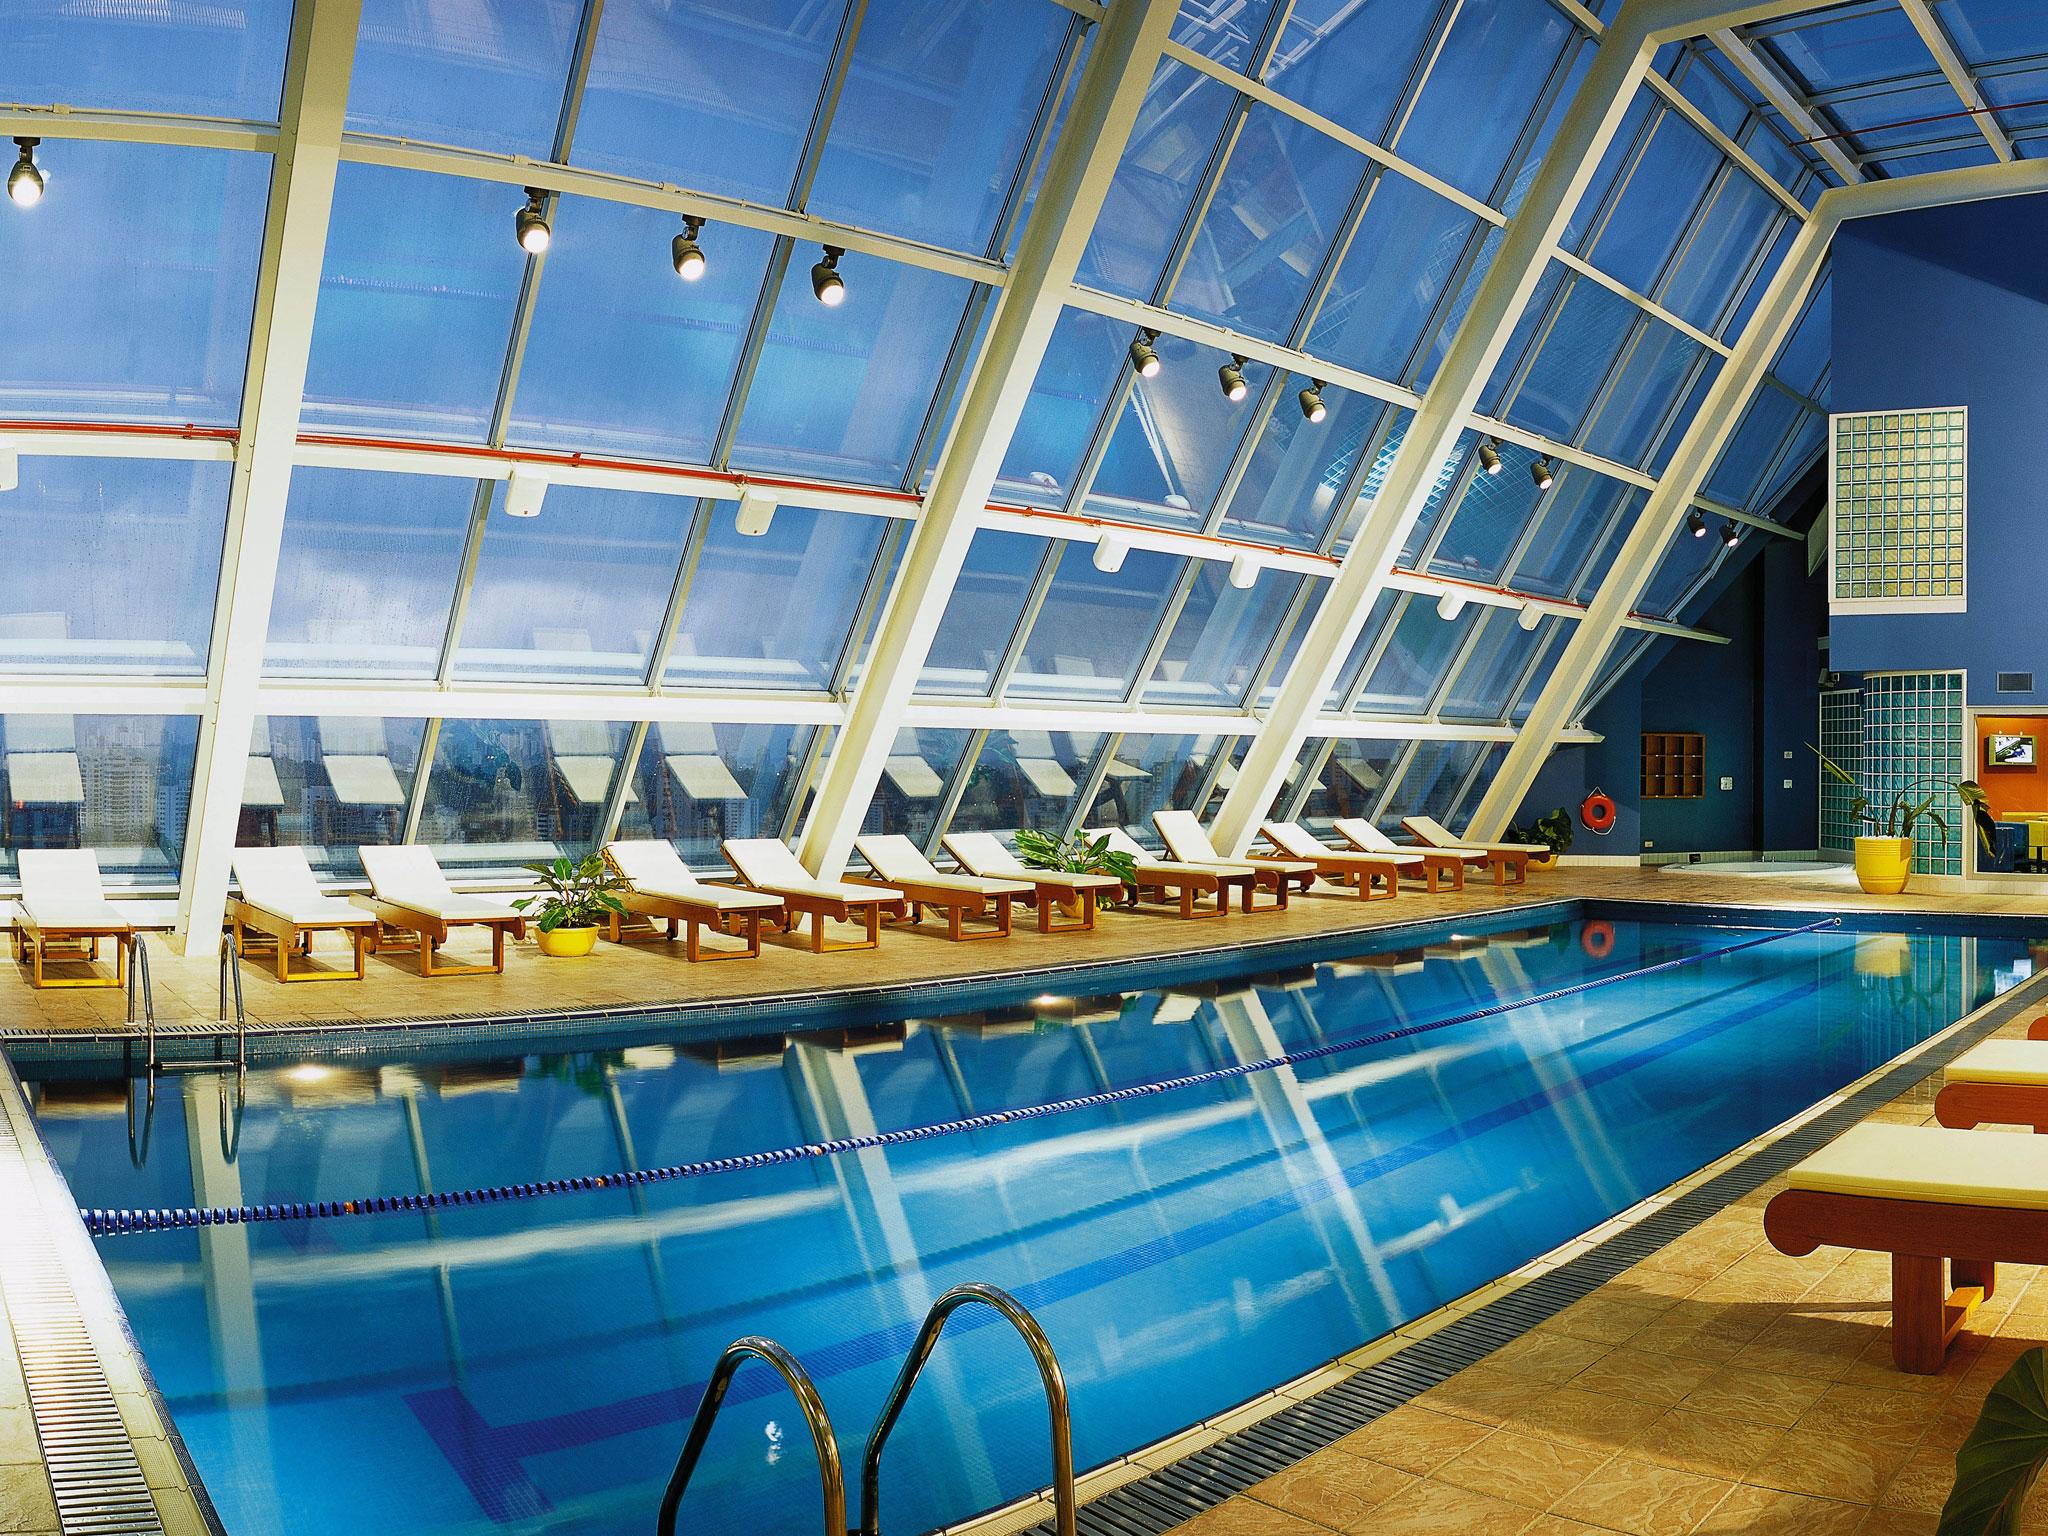 Hilton Sao Paulo Morumbi Hotel i São Paulo, Brasil